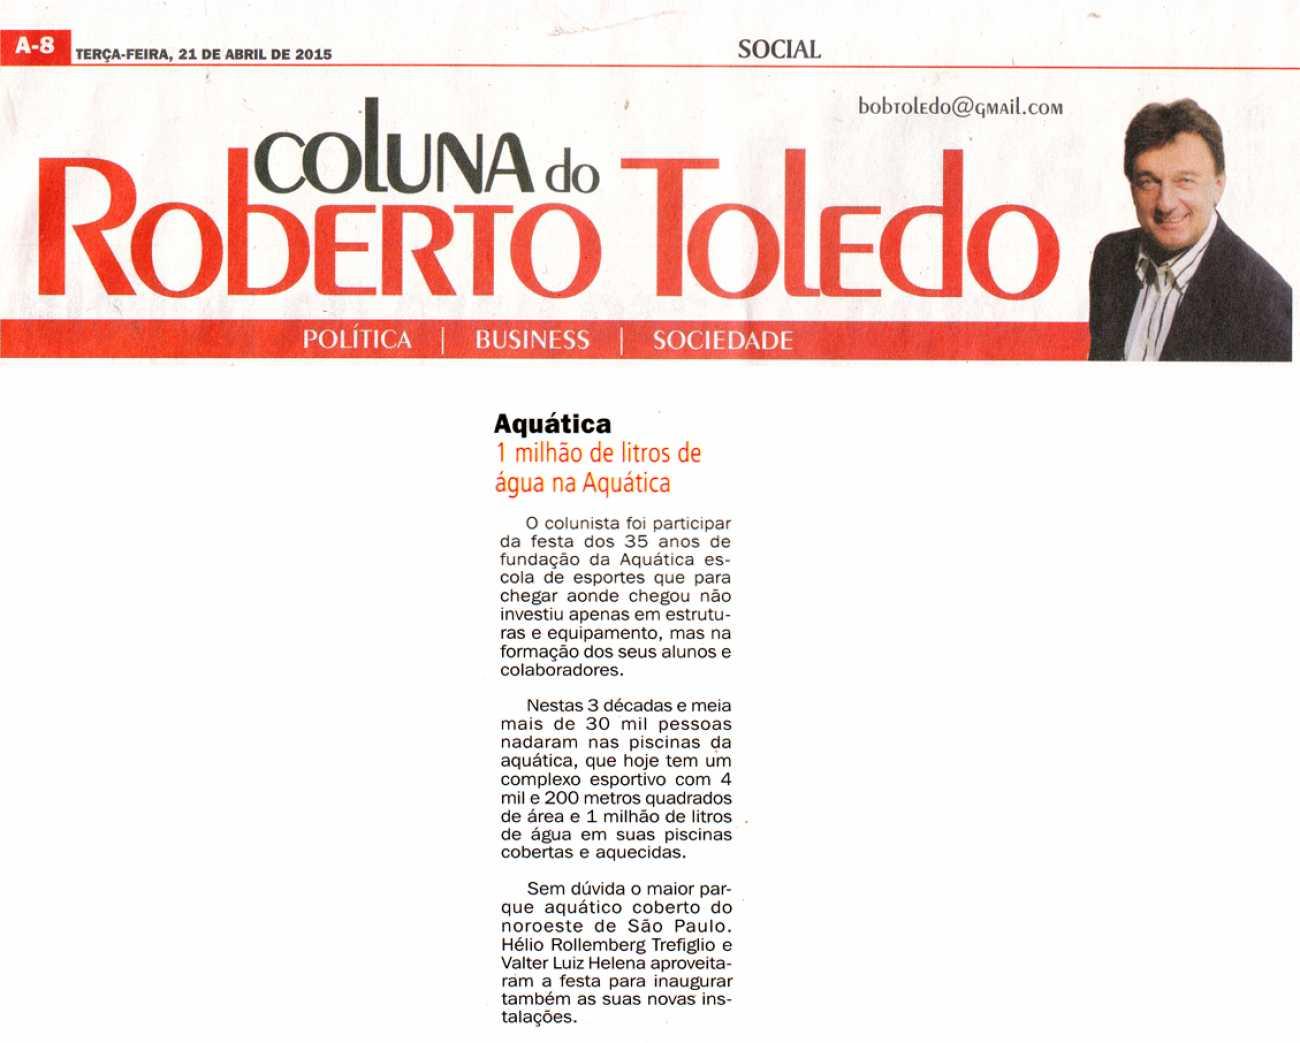 1 milhão de litros de água na Aquática Coluna Social Roberto Toledo Dhoje - 26/03/2015